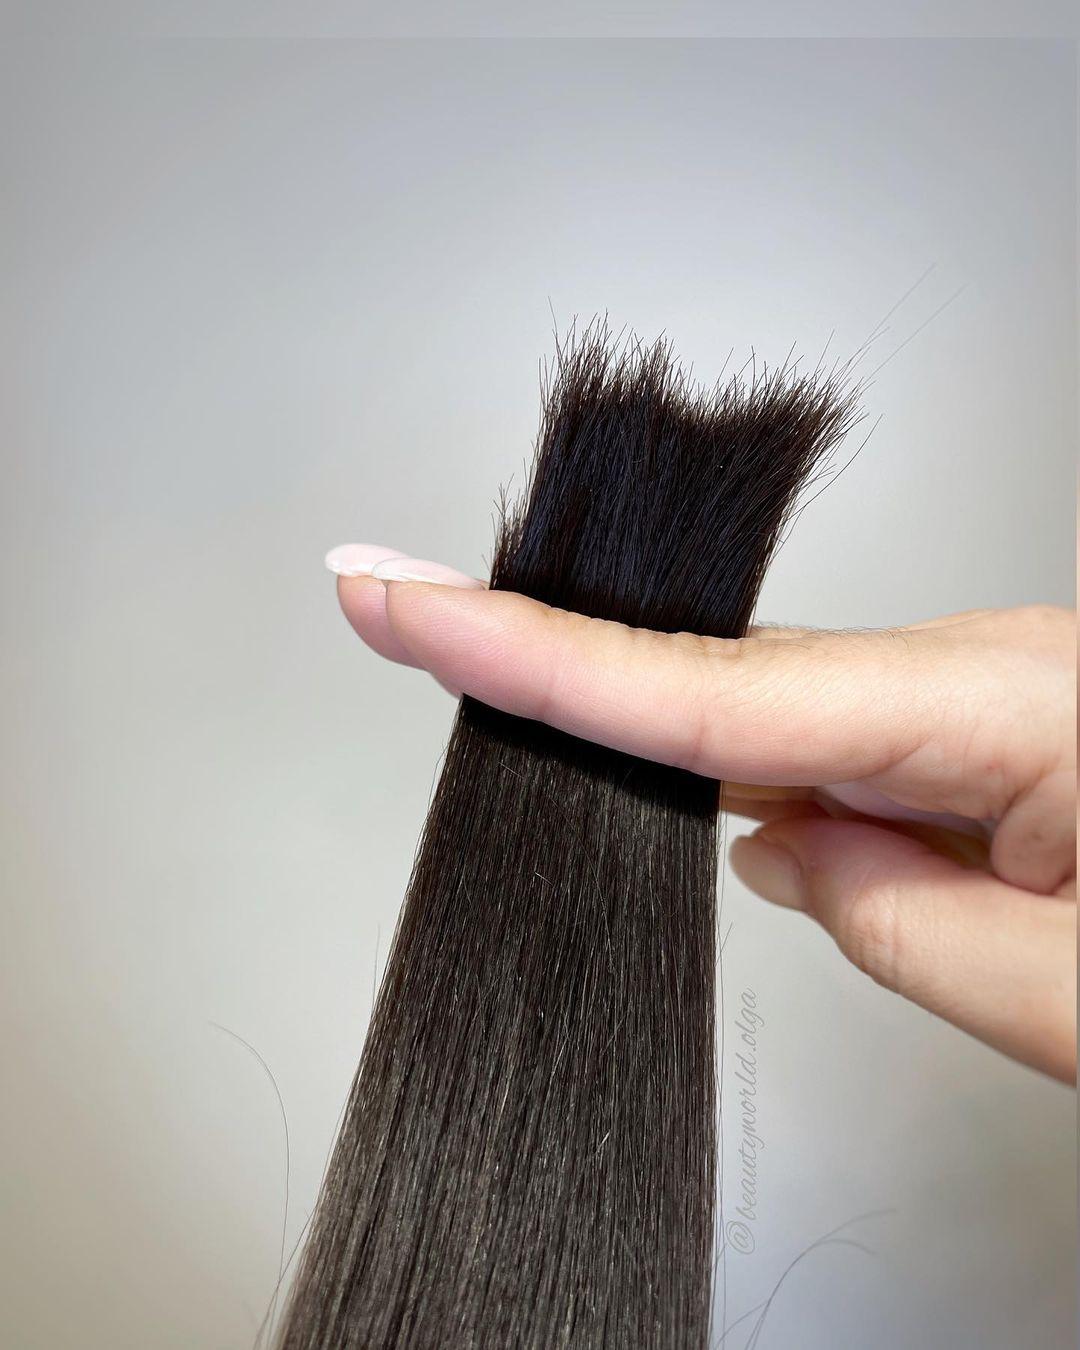 Корни волос: ПОВРЕЖДЕНИЯ ВОЛОС  Всем откликнулся предыдущий пост и я хочу продолжить тему и погово...